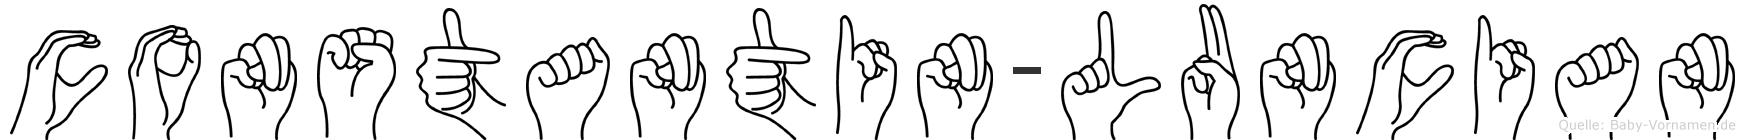 Constantin-Luncian im Fingeralphabet der Deutschen Gebärdensprache